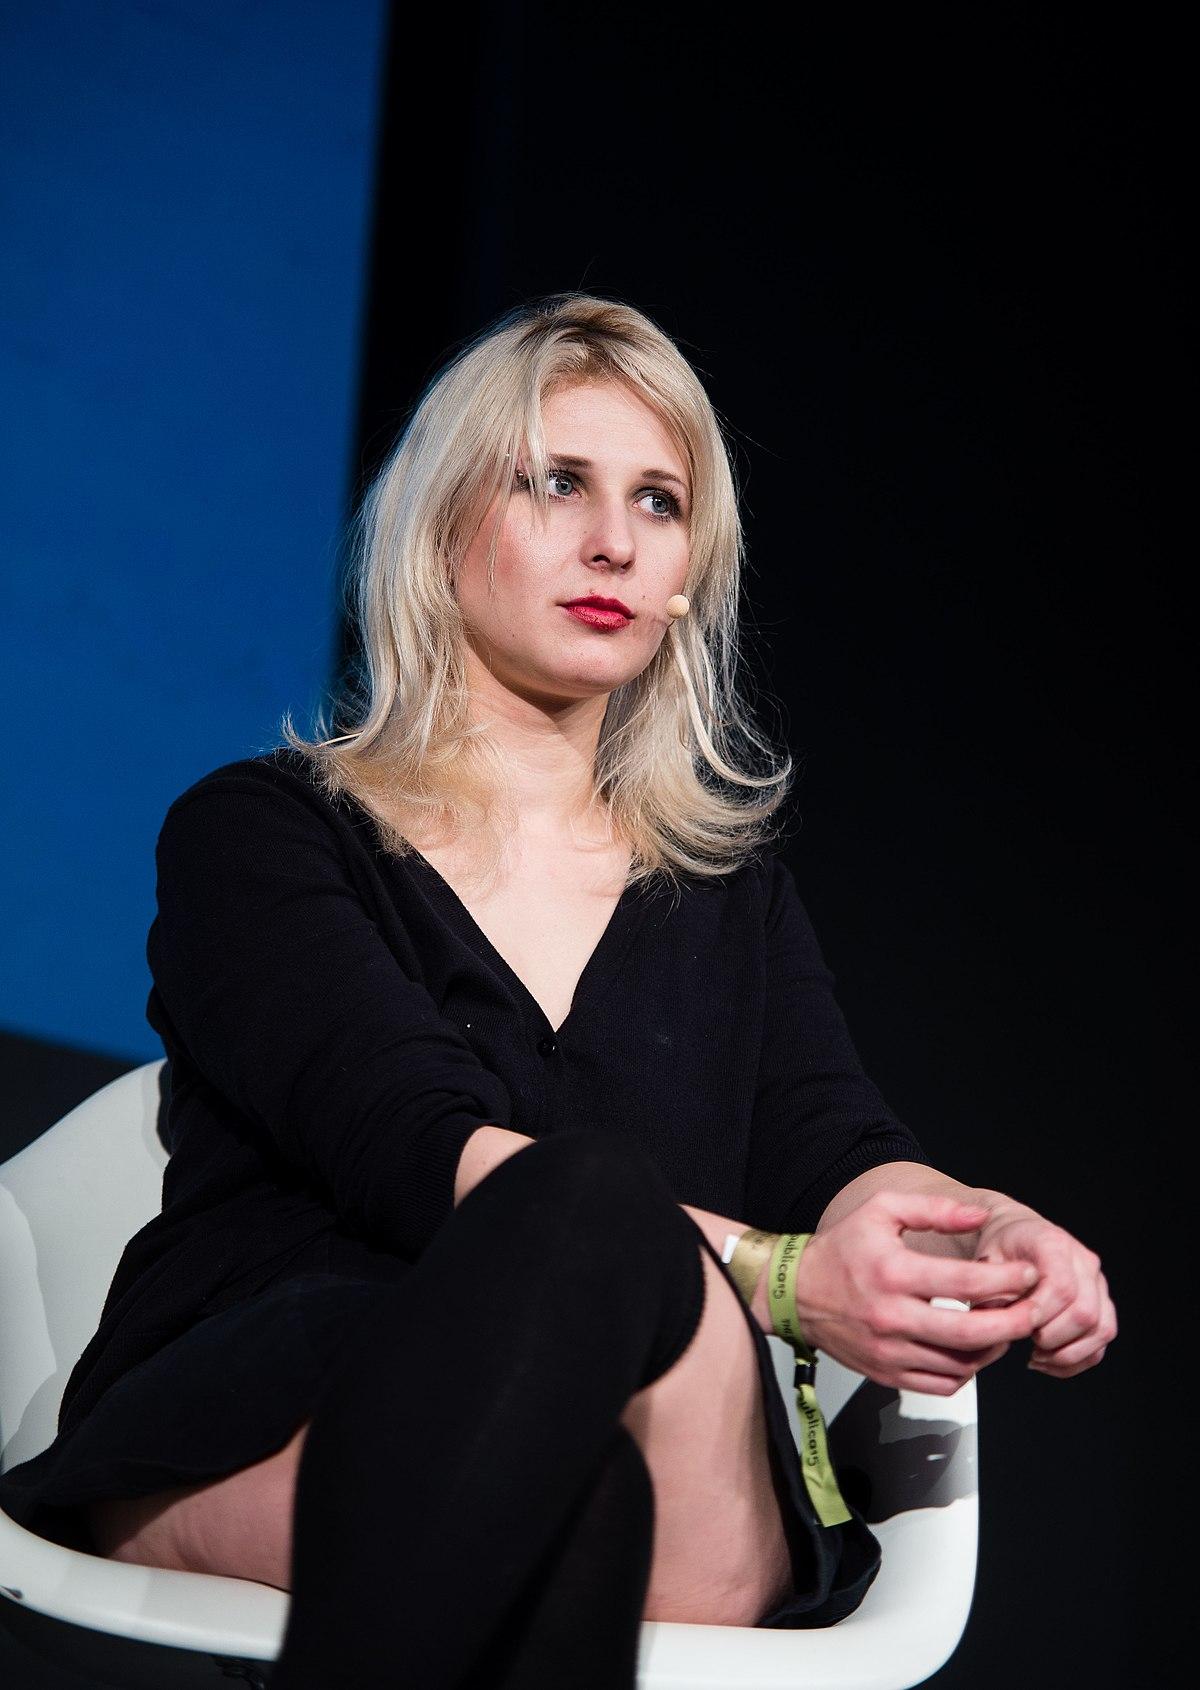 Maria Alyokhina - Wikipedia